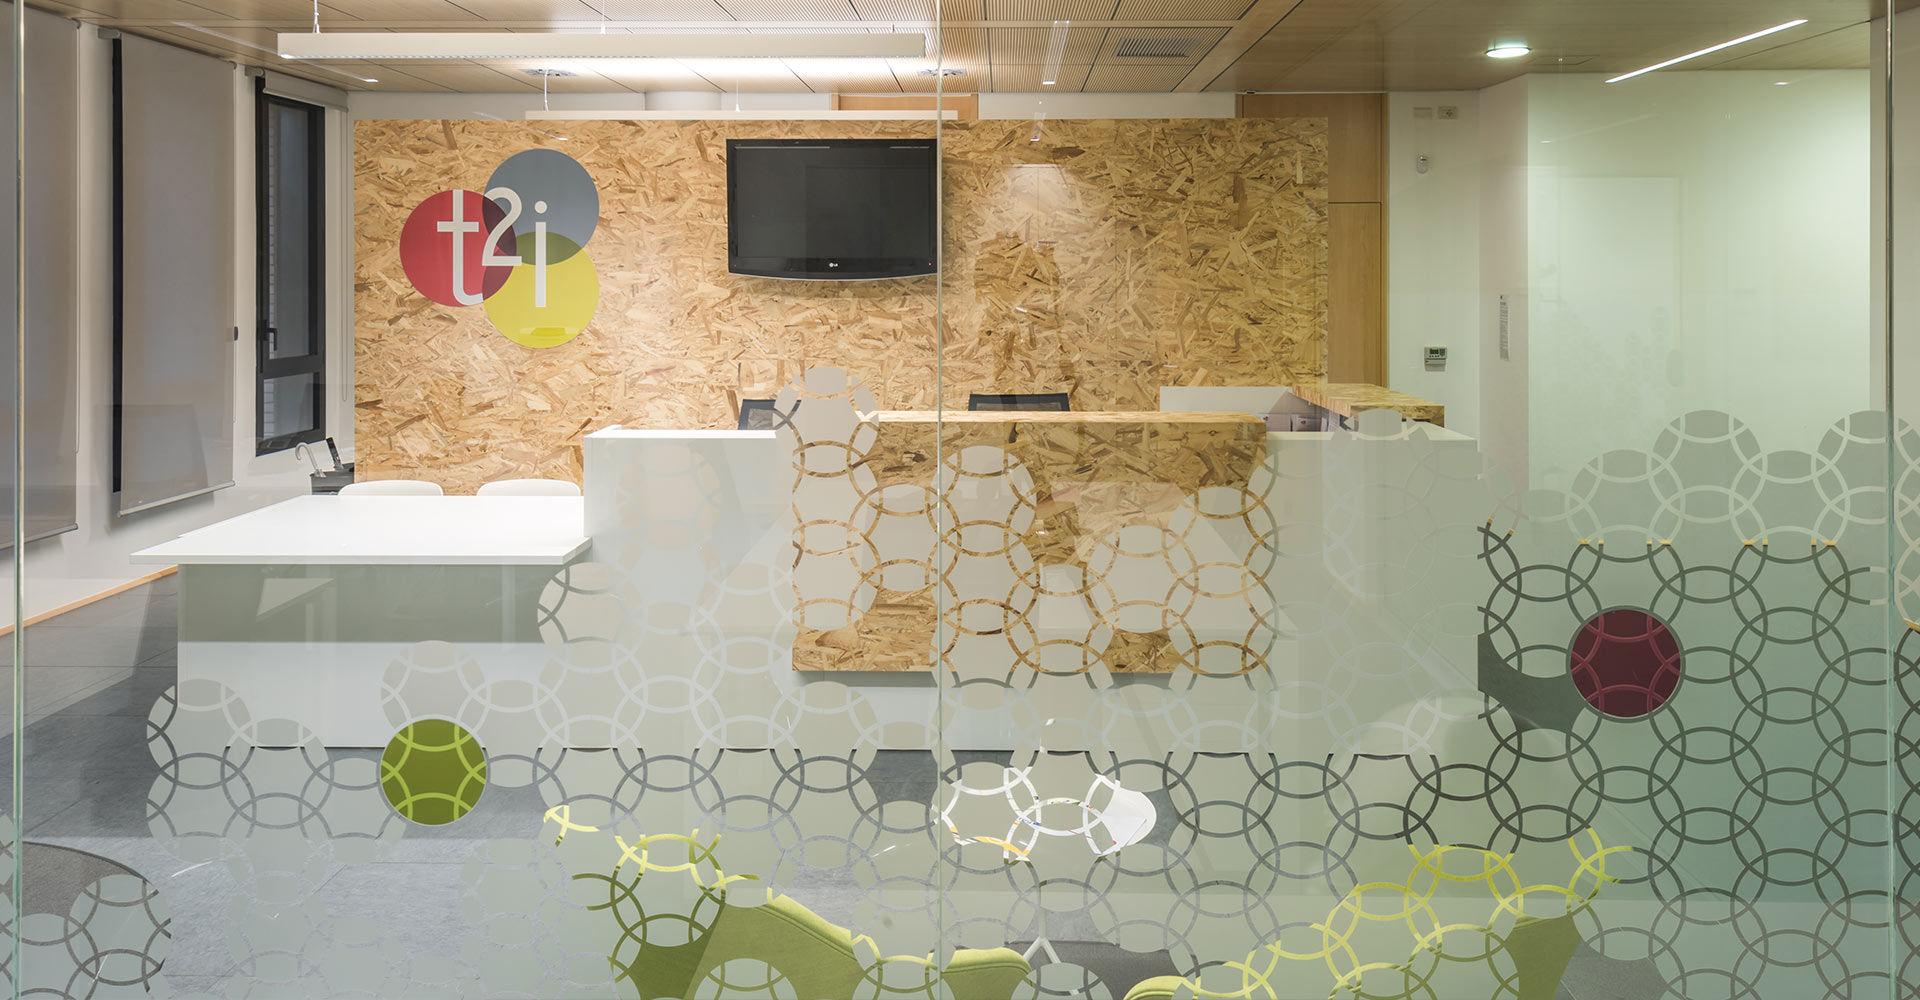 Lavoro Ufficio Clipart : Durante ufficio progettazione e fornitura arredamenti per uffici